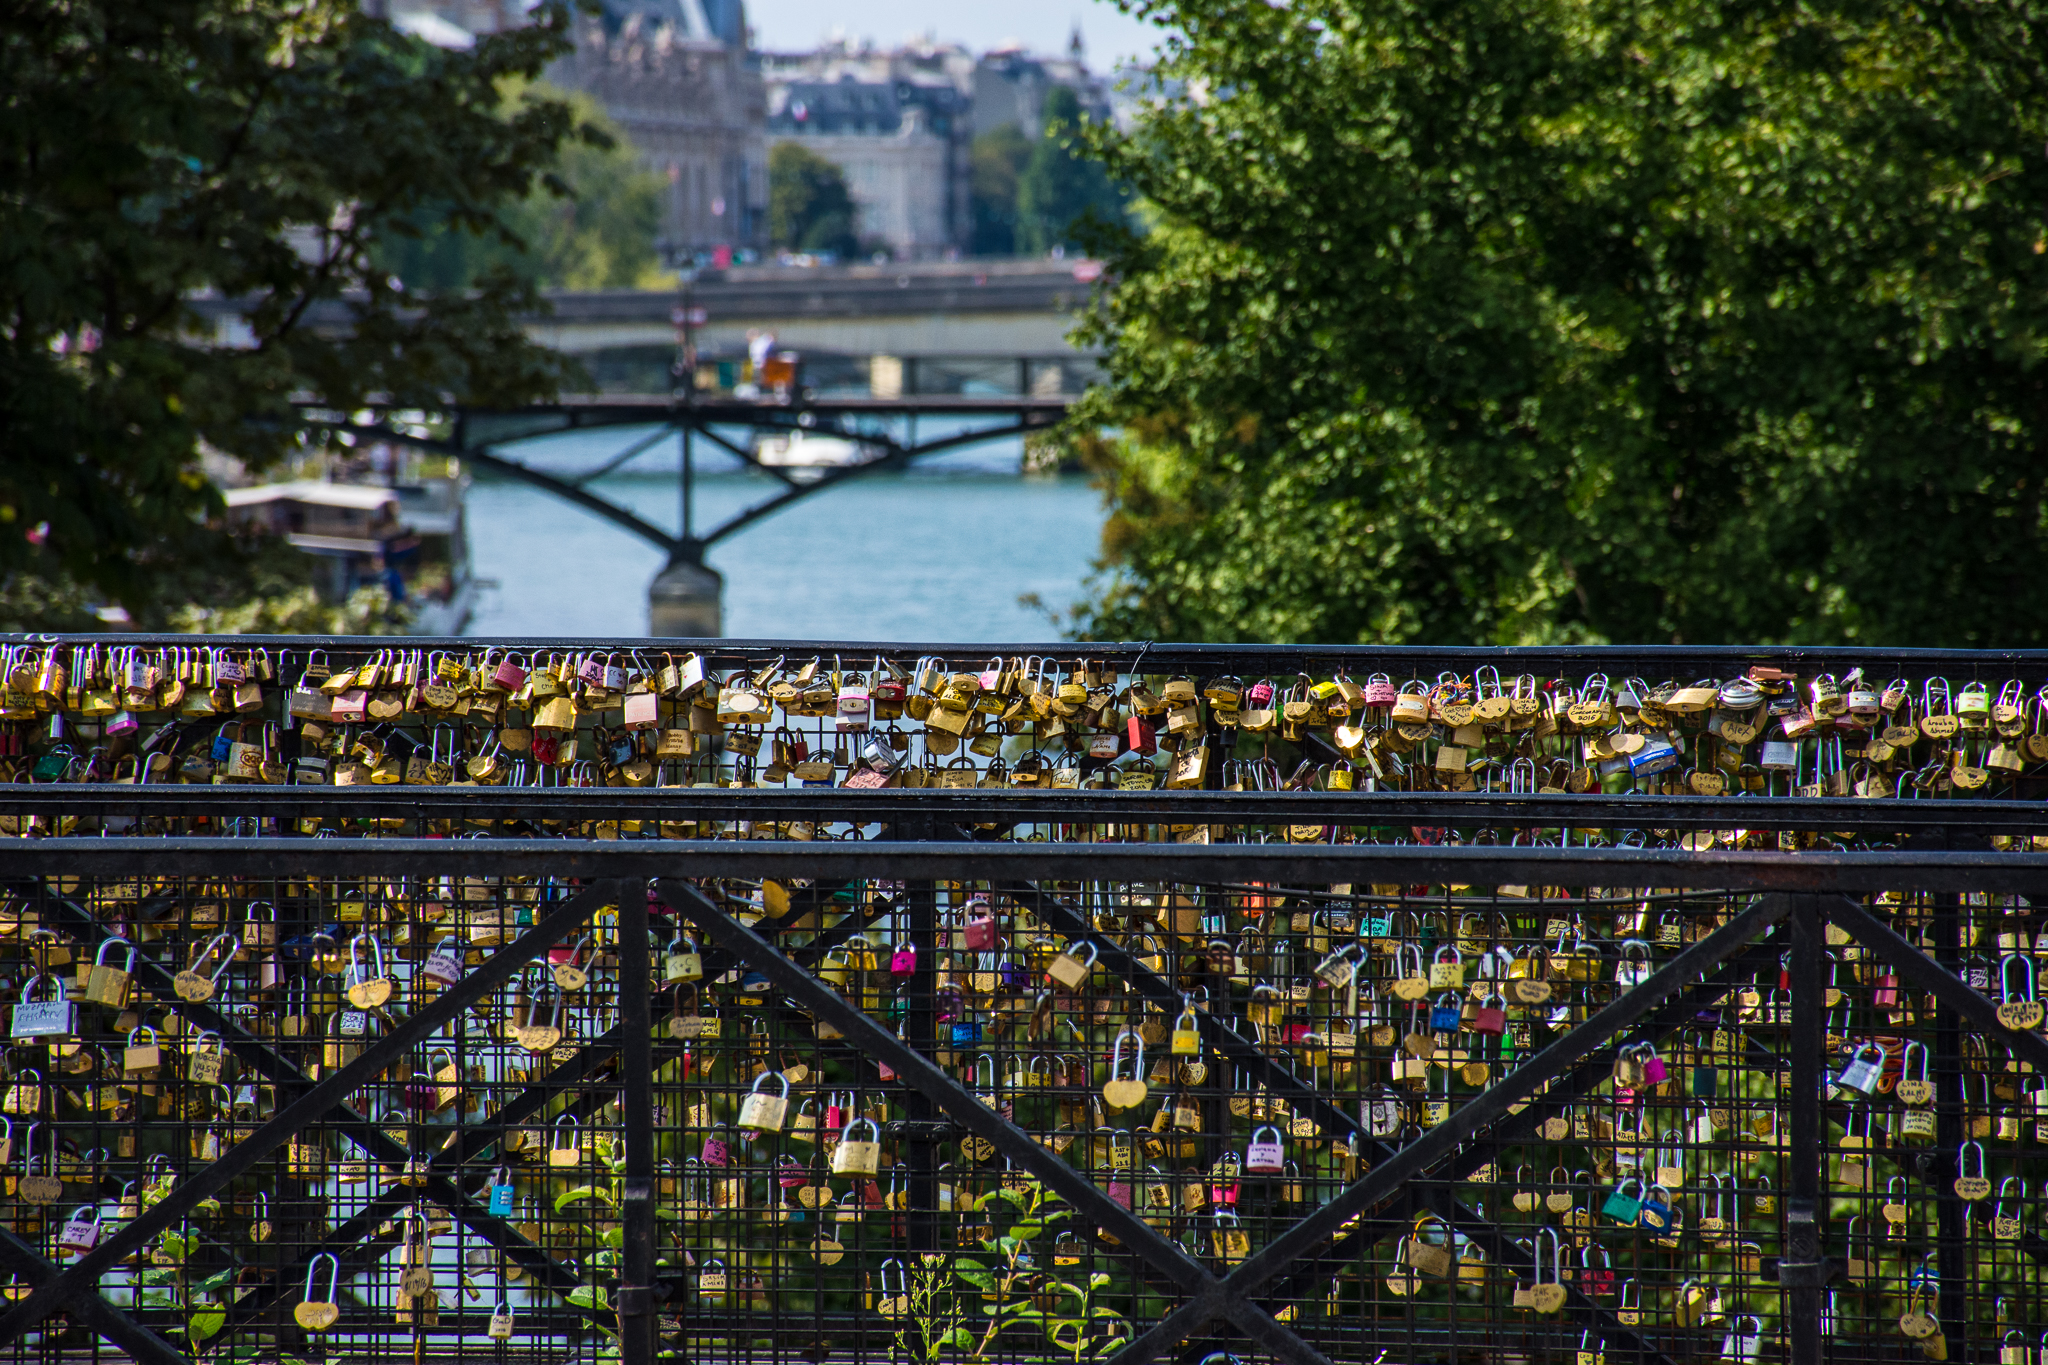 Locks of Love Bridge in Paris